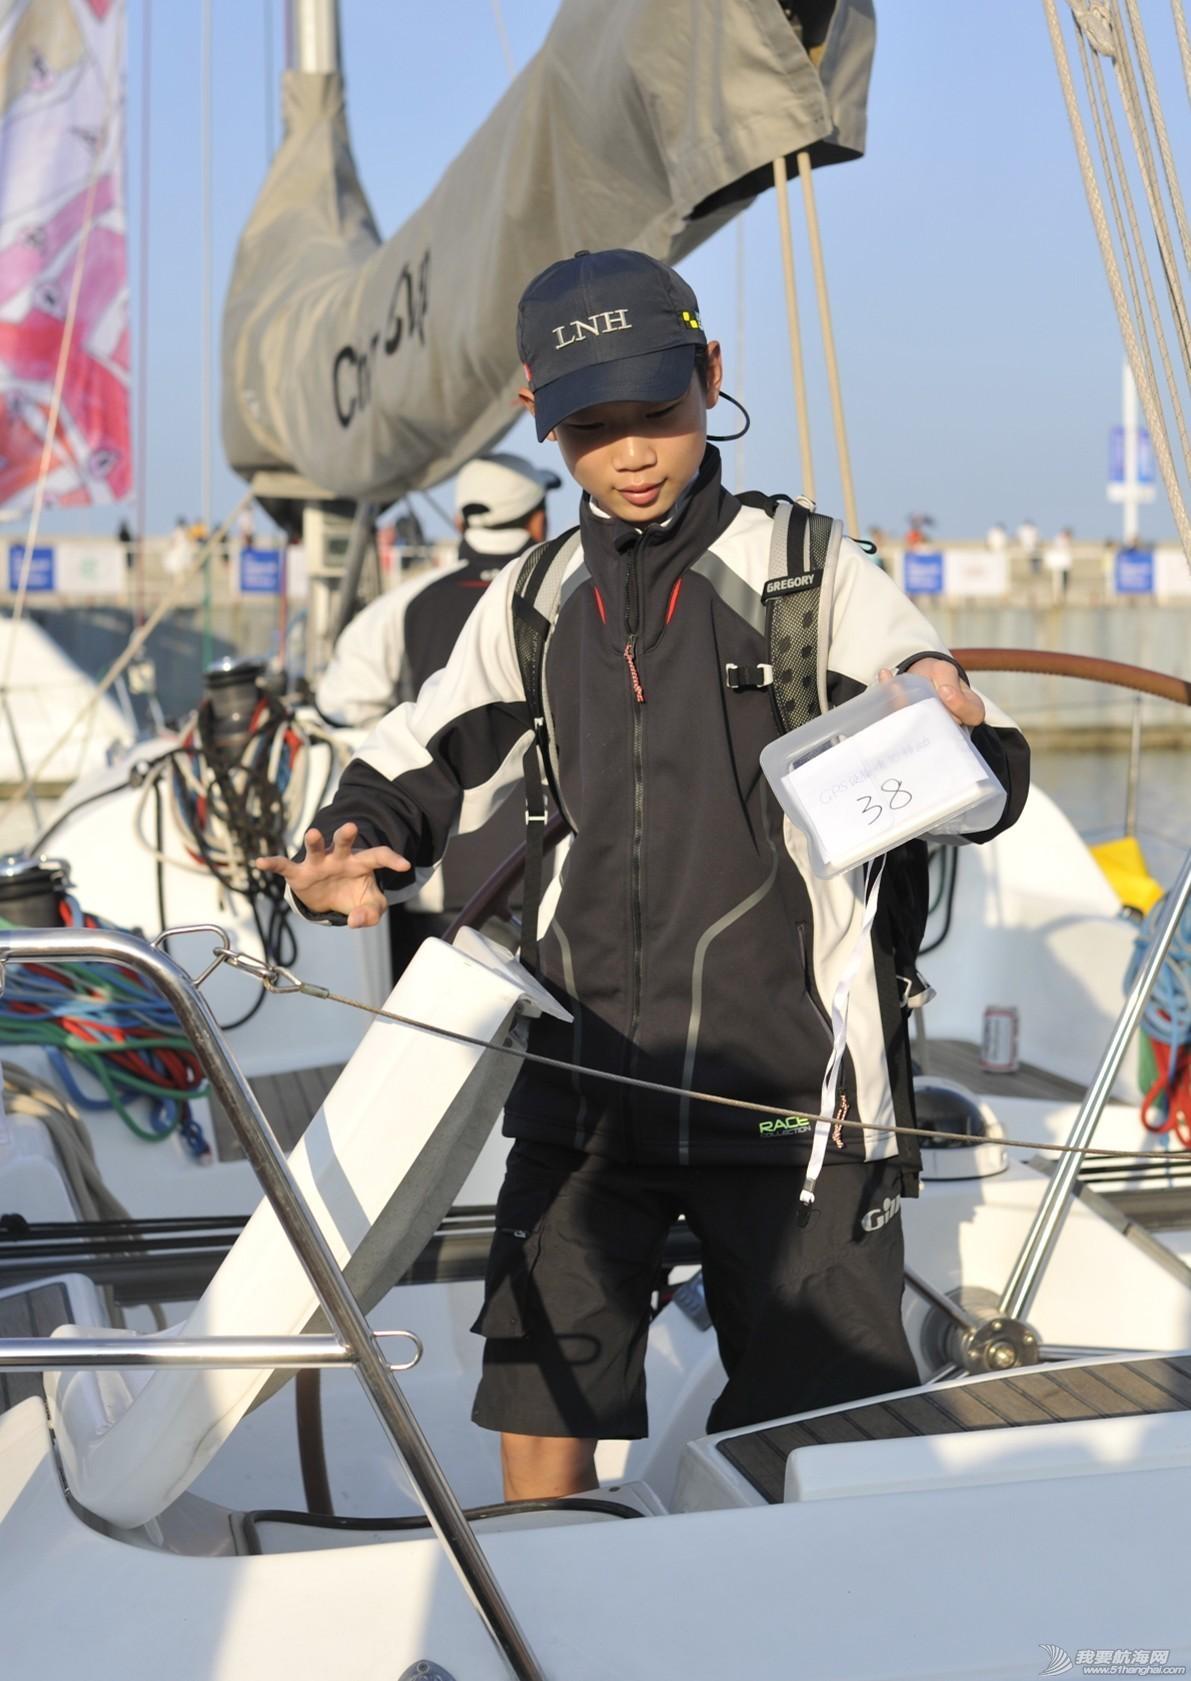 乌拉圭队,奥运冠军,劳力士,国际帆联,本职工作 这个满头银发的水手  在国际帆联当了20年志愿者 a88657974e3682b0a4c1d9a5a3d32d38.jpg